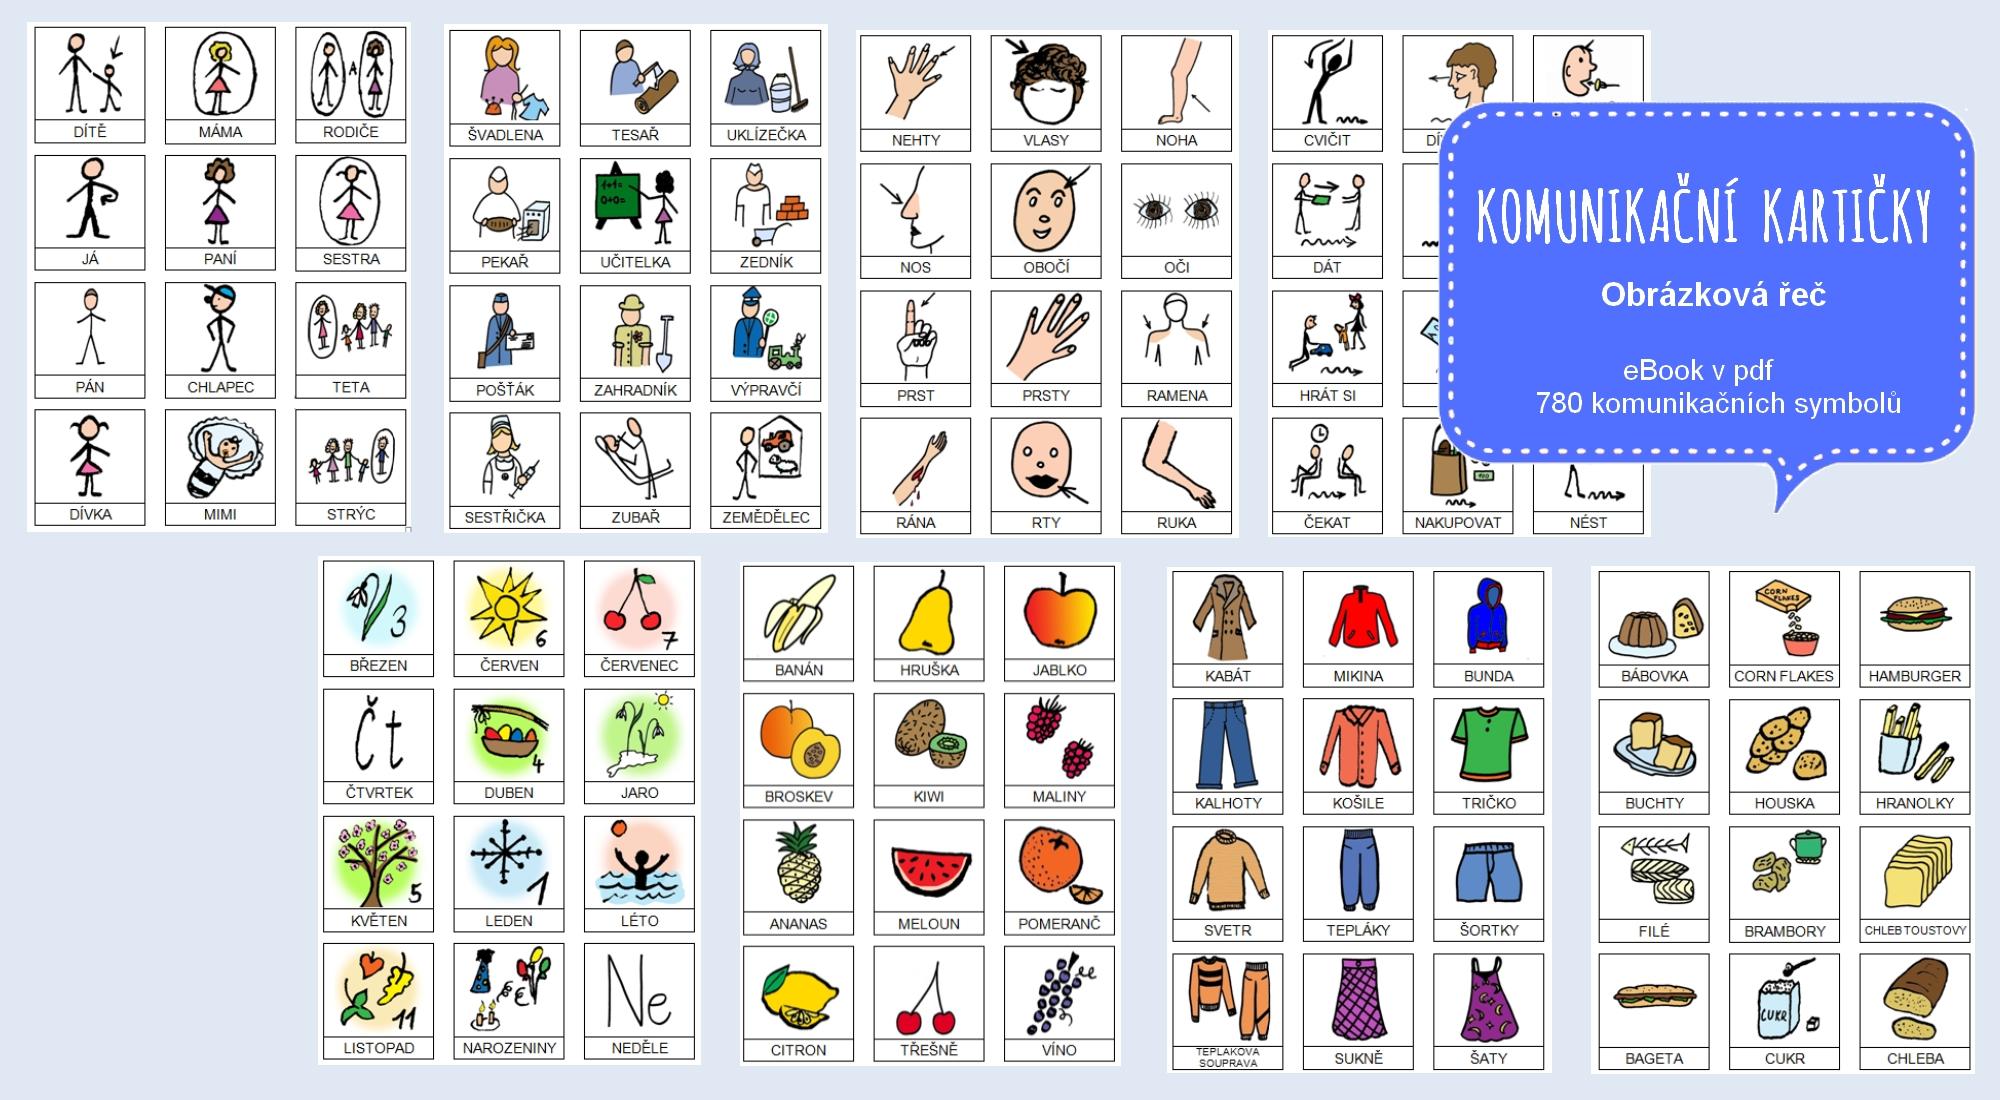 Komunikační kartičky Obrázková řeč,  eBook pro náhradní komunikaci